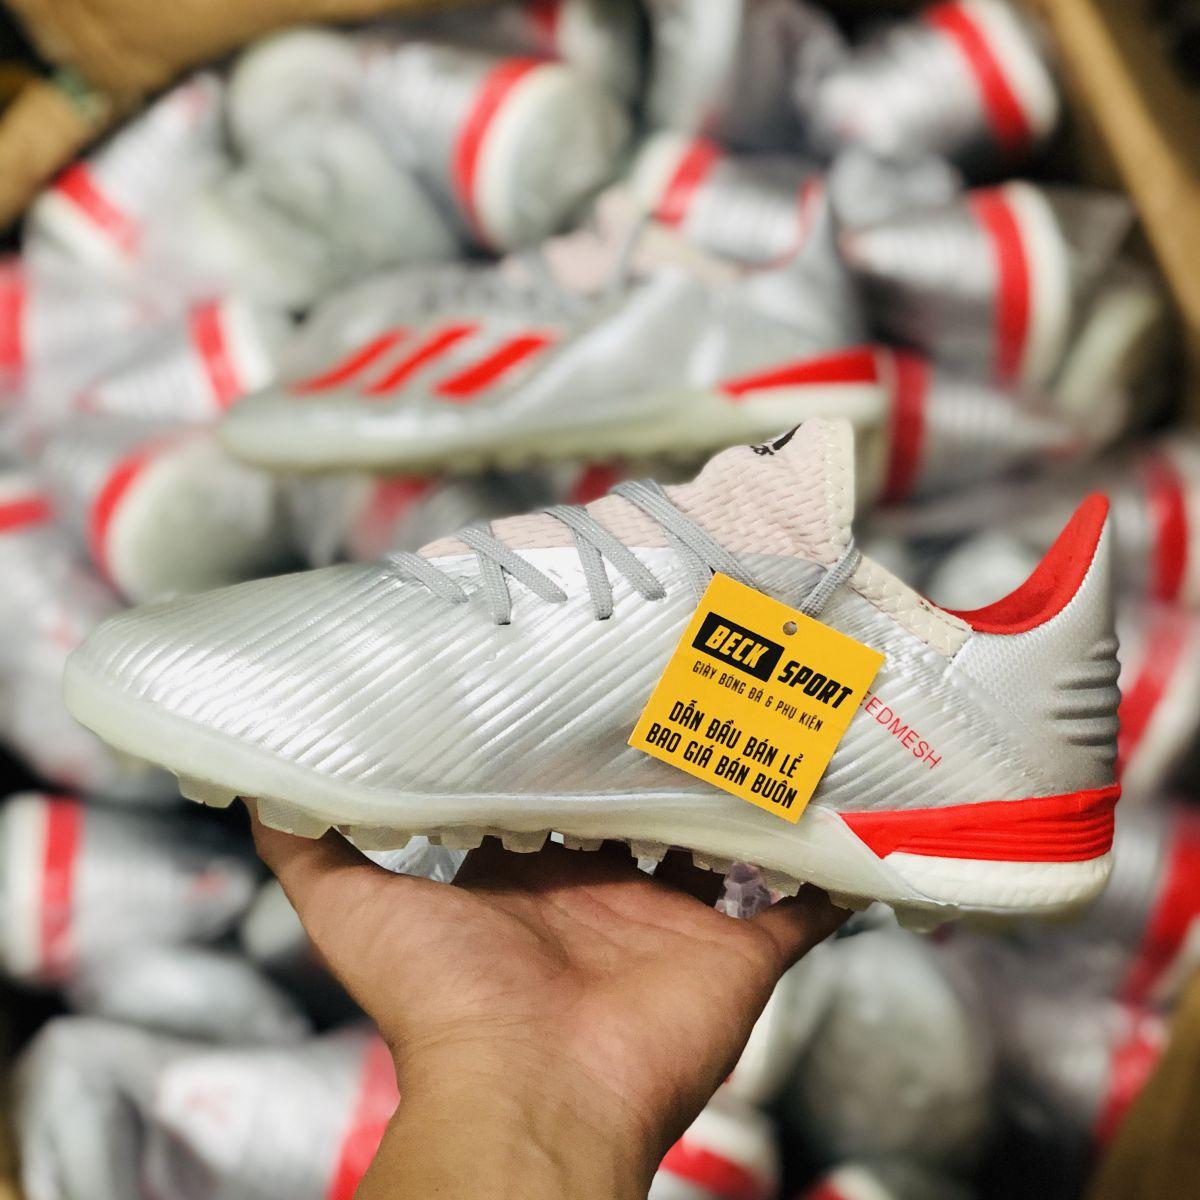 Giày Bóng Đá Adidas X 19.1 Bạc Vạch Đỏ TF